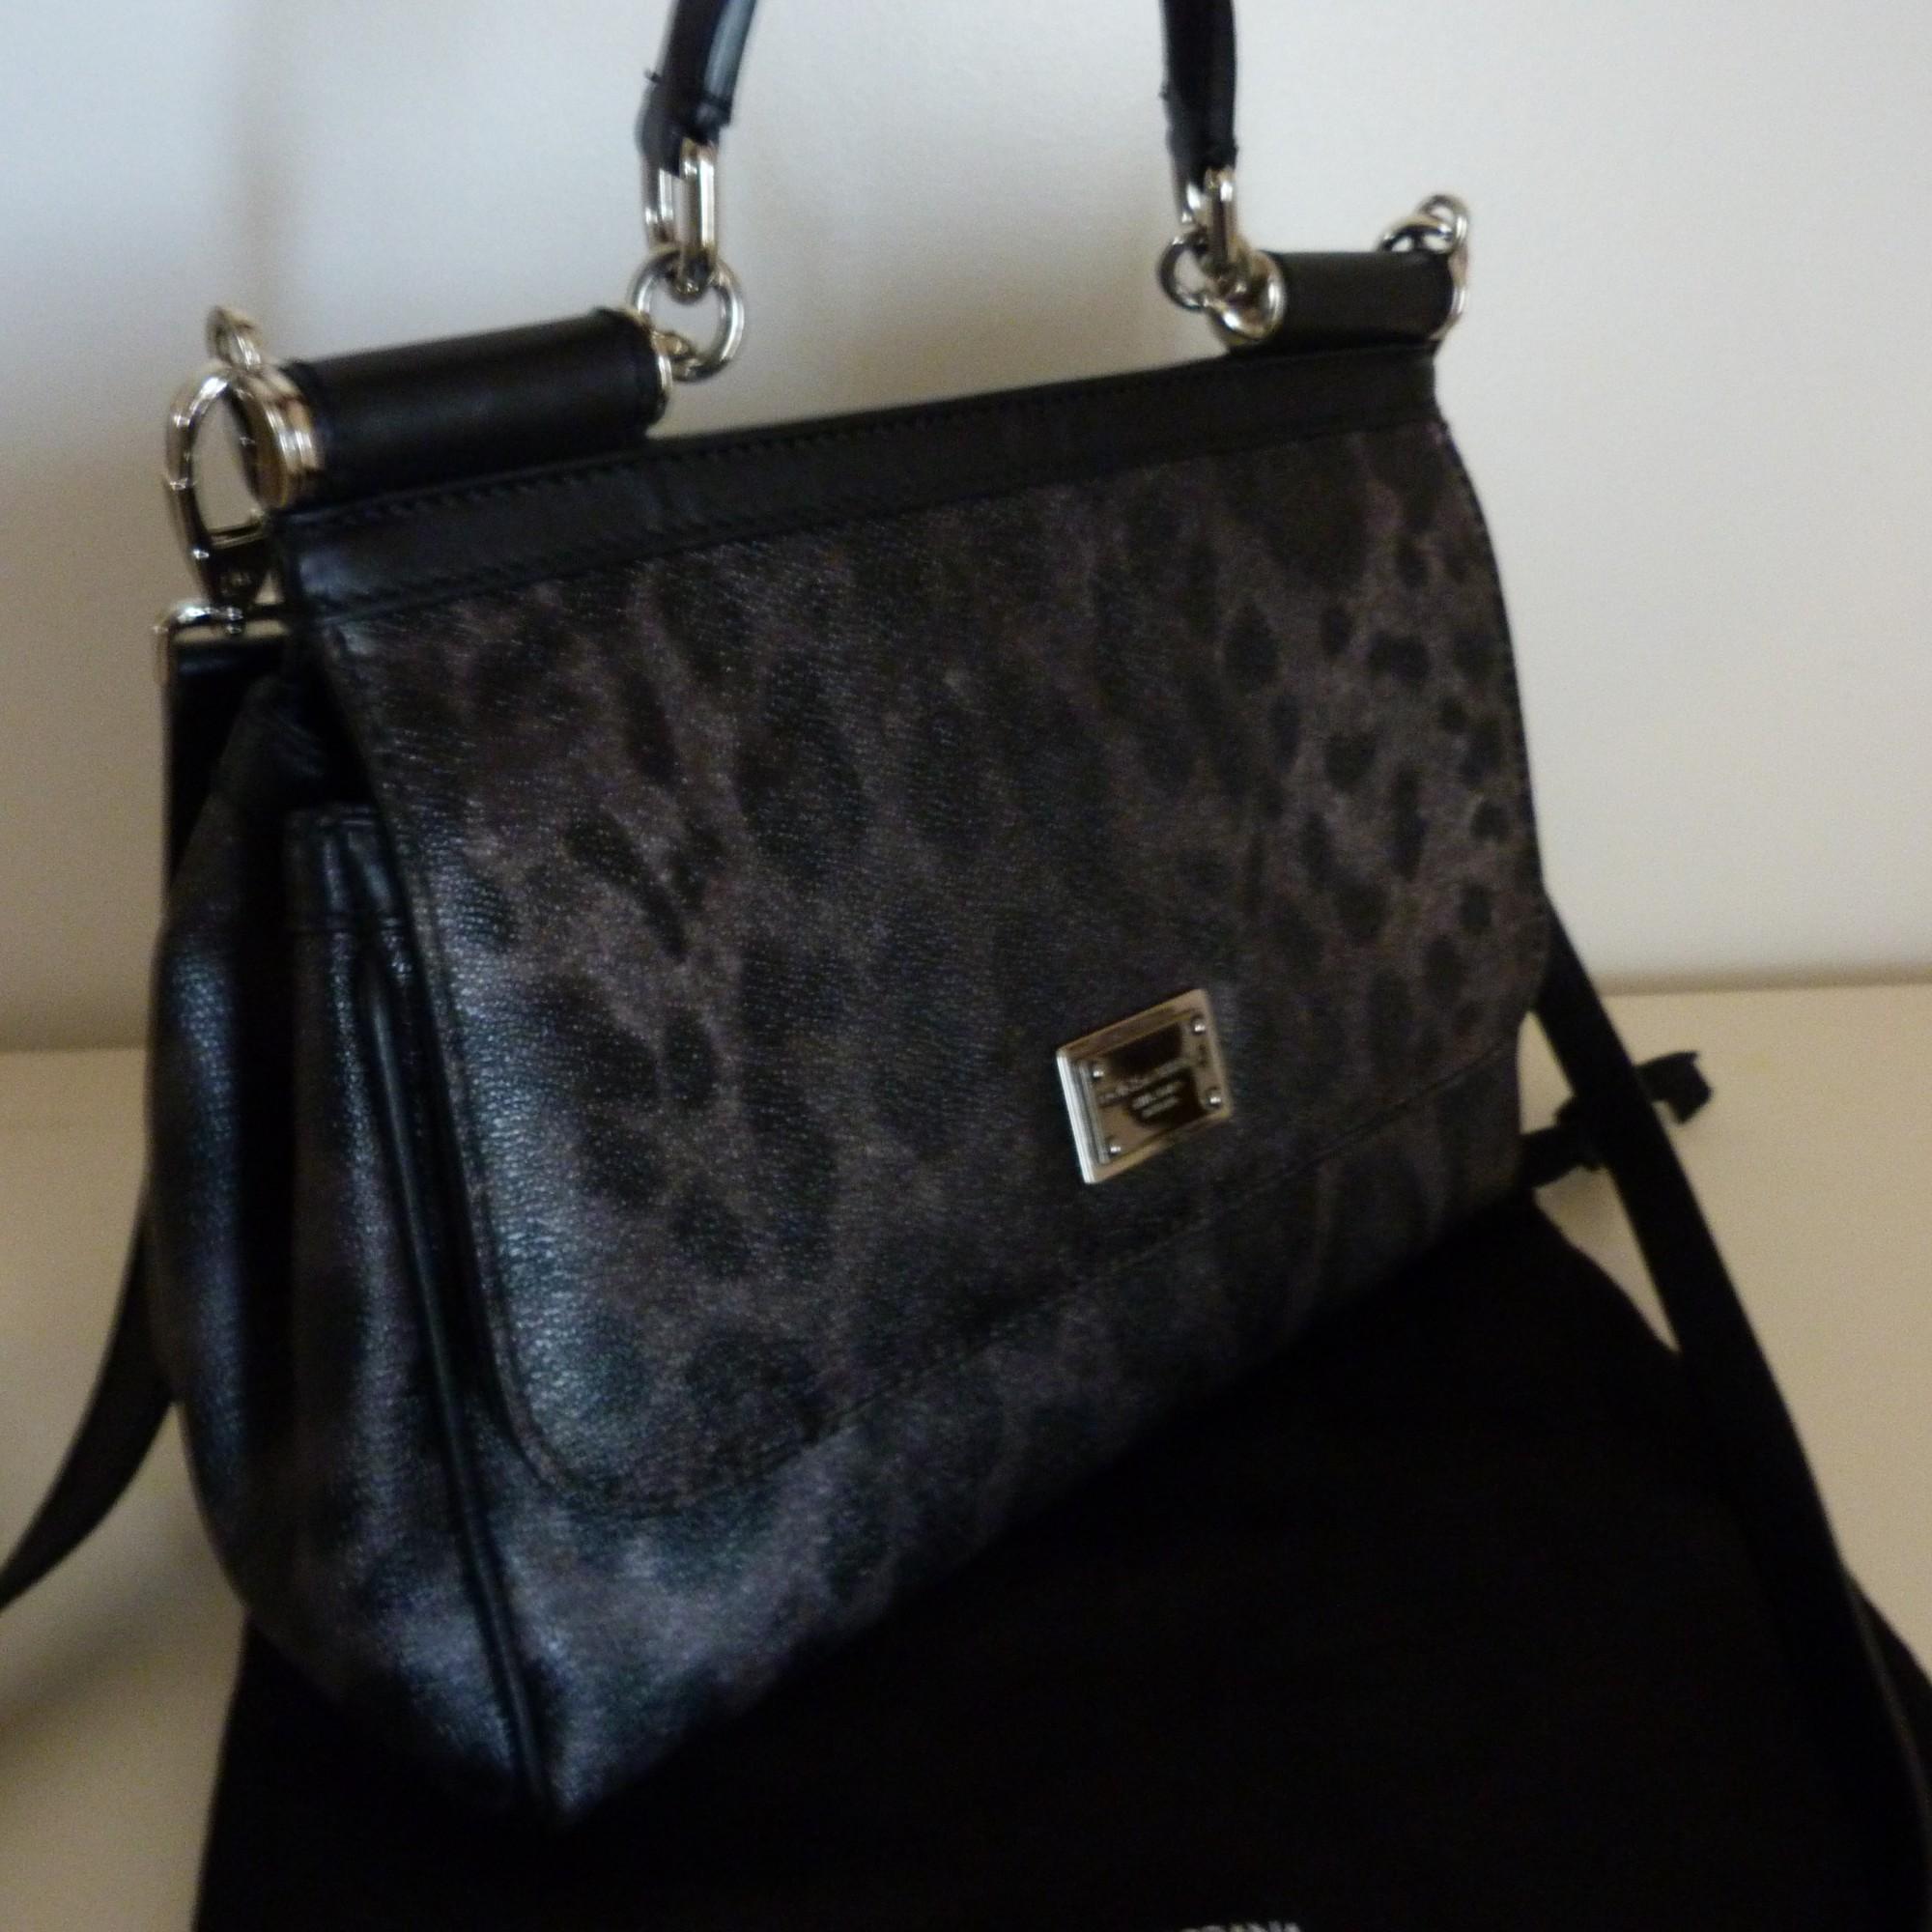 Sac en bandoulière en cuir DOLCE   GABBANA gris vendu par Louisa ... 9caf68183167